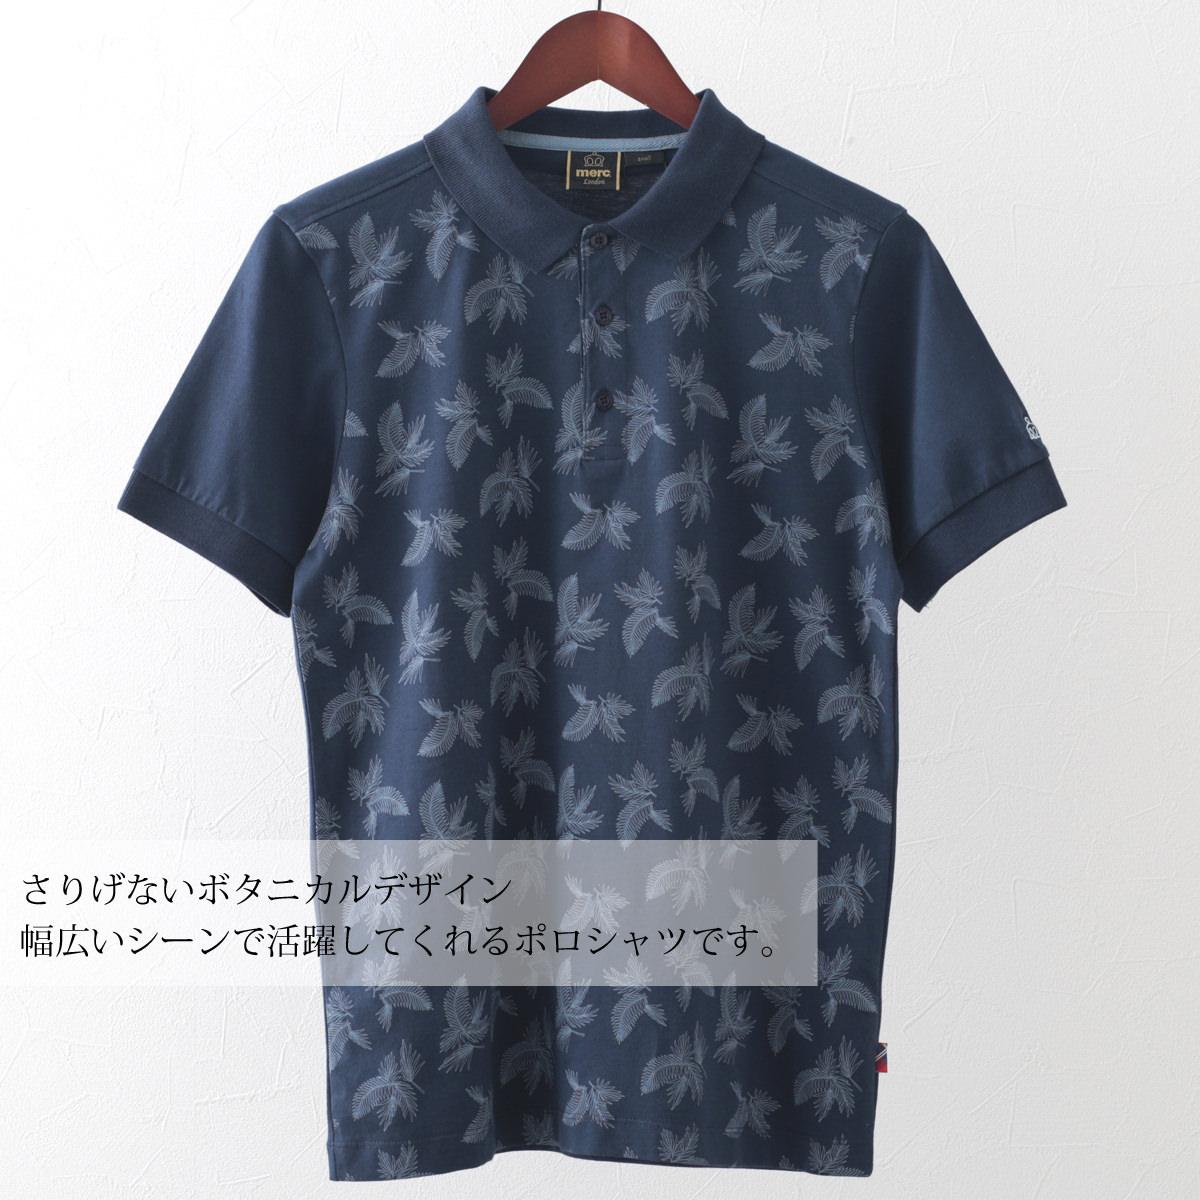 メルクロンドン メンズ ポロシャツ ポロ ボタニカル レトロ ネイビー Merc London モッズファッション